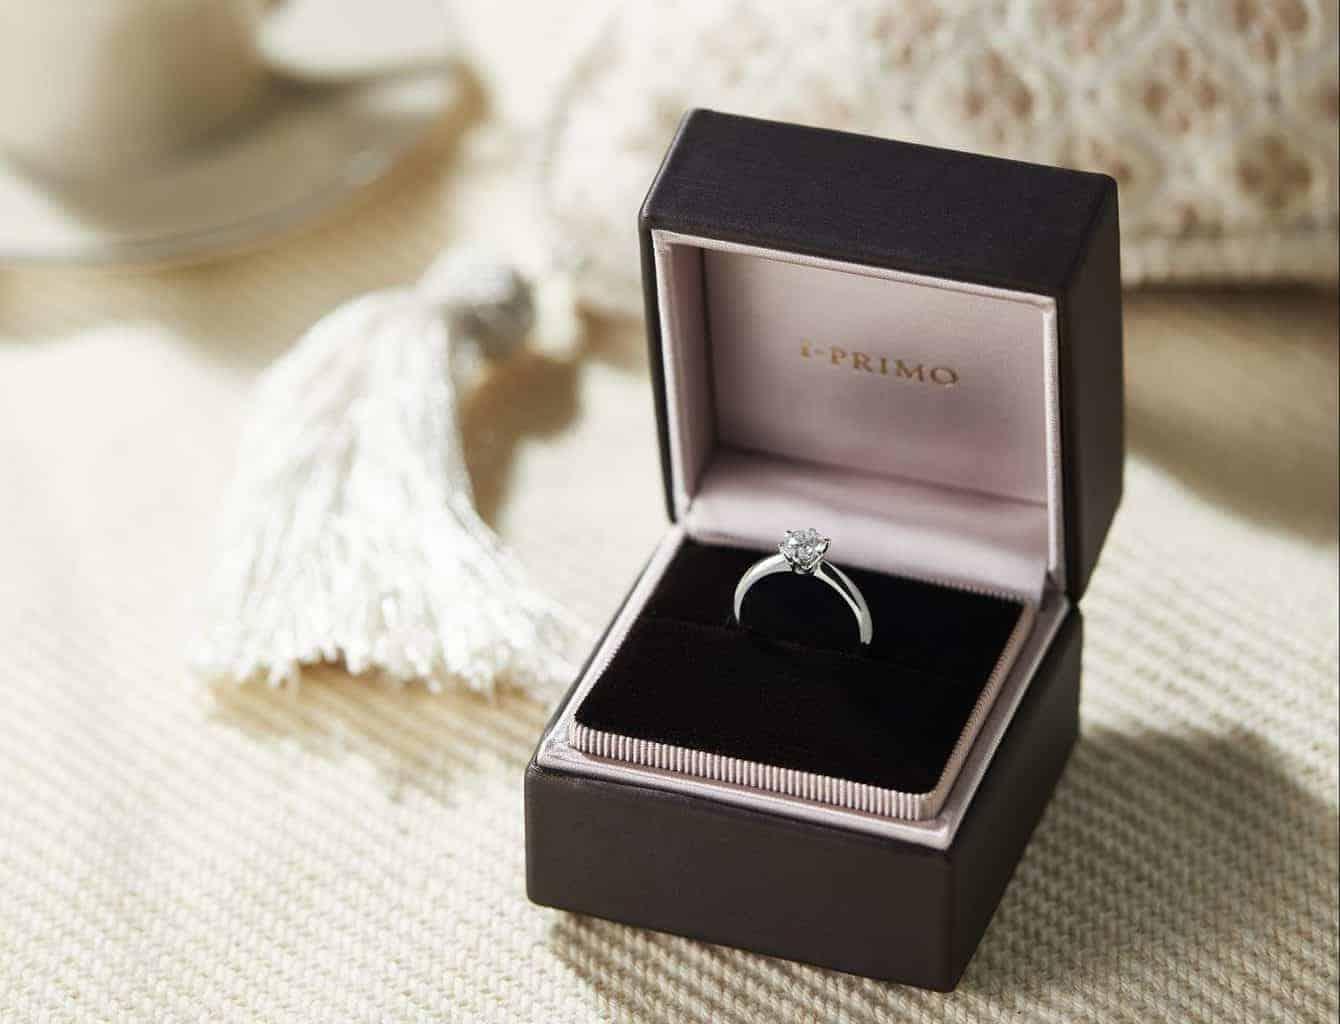 【体験レポ】アイプリモ銀座本店に『婚約指輪・結婚指輪』を見に行ってみた!※10/29のグランドオープン情報ありのカバー写真 0.764179104477612